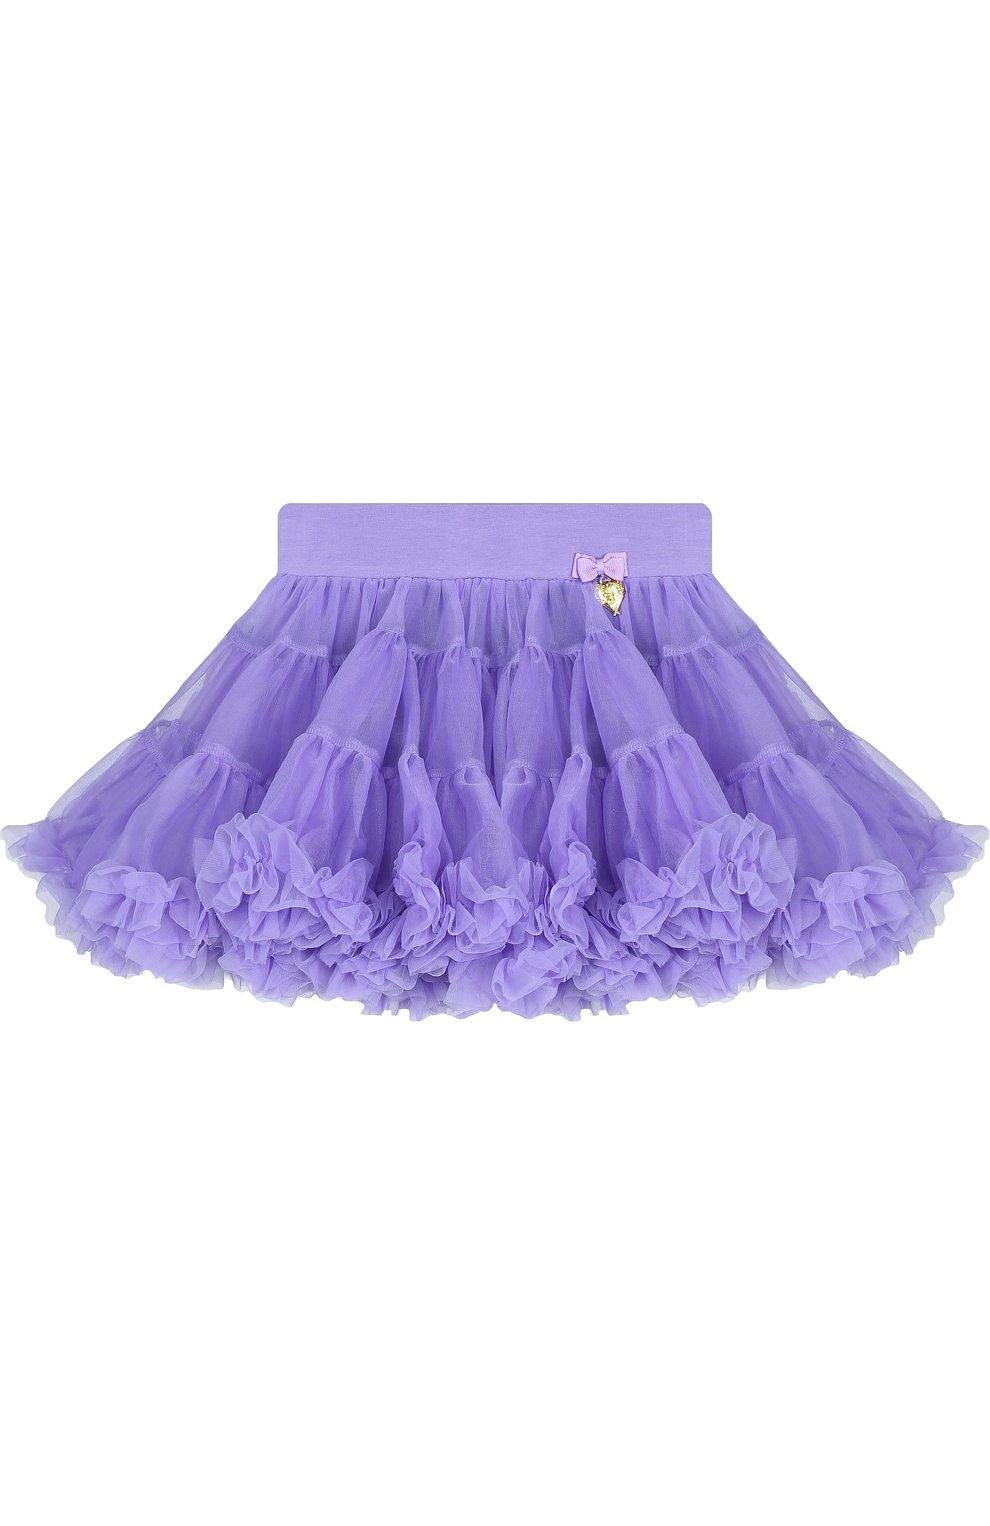 Детская многослойная мини-юбка свободного кроя с оборкой ANGEL'S FACE фиолетового цвета, арт. SKIRT/CHARMTUTU/2-7 | Фото 1